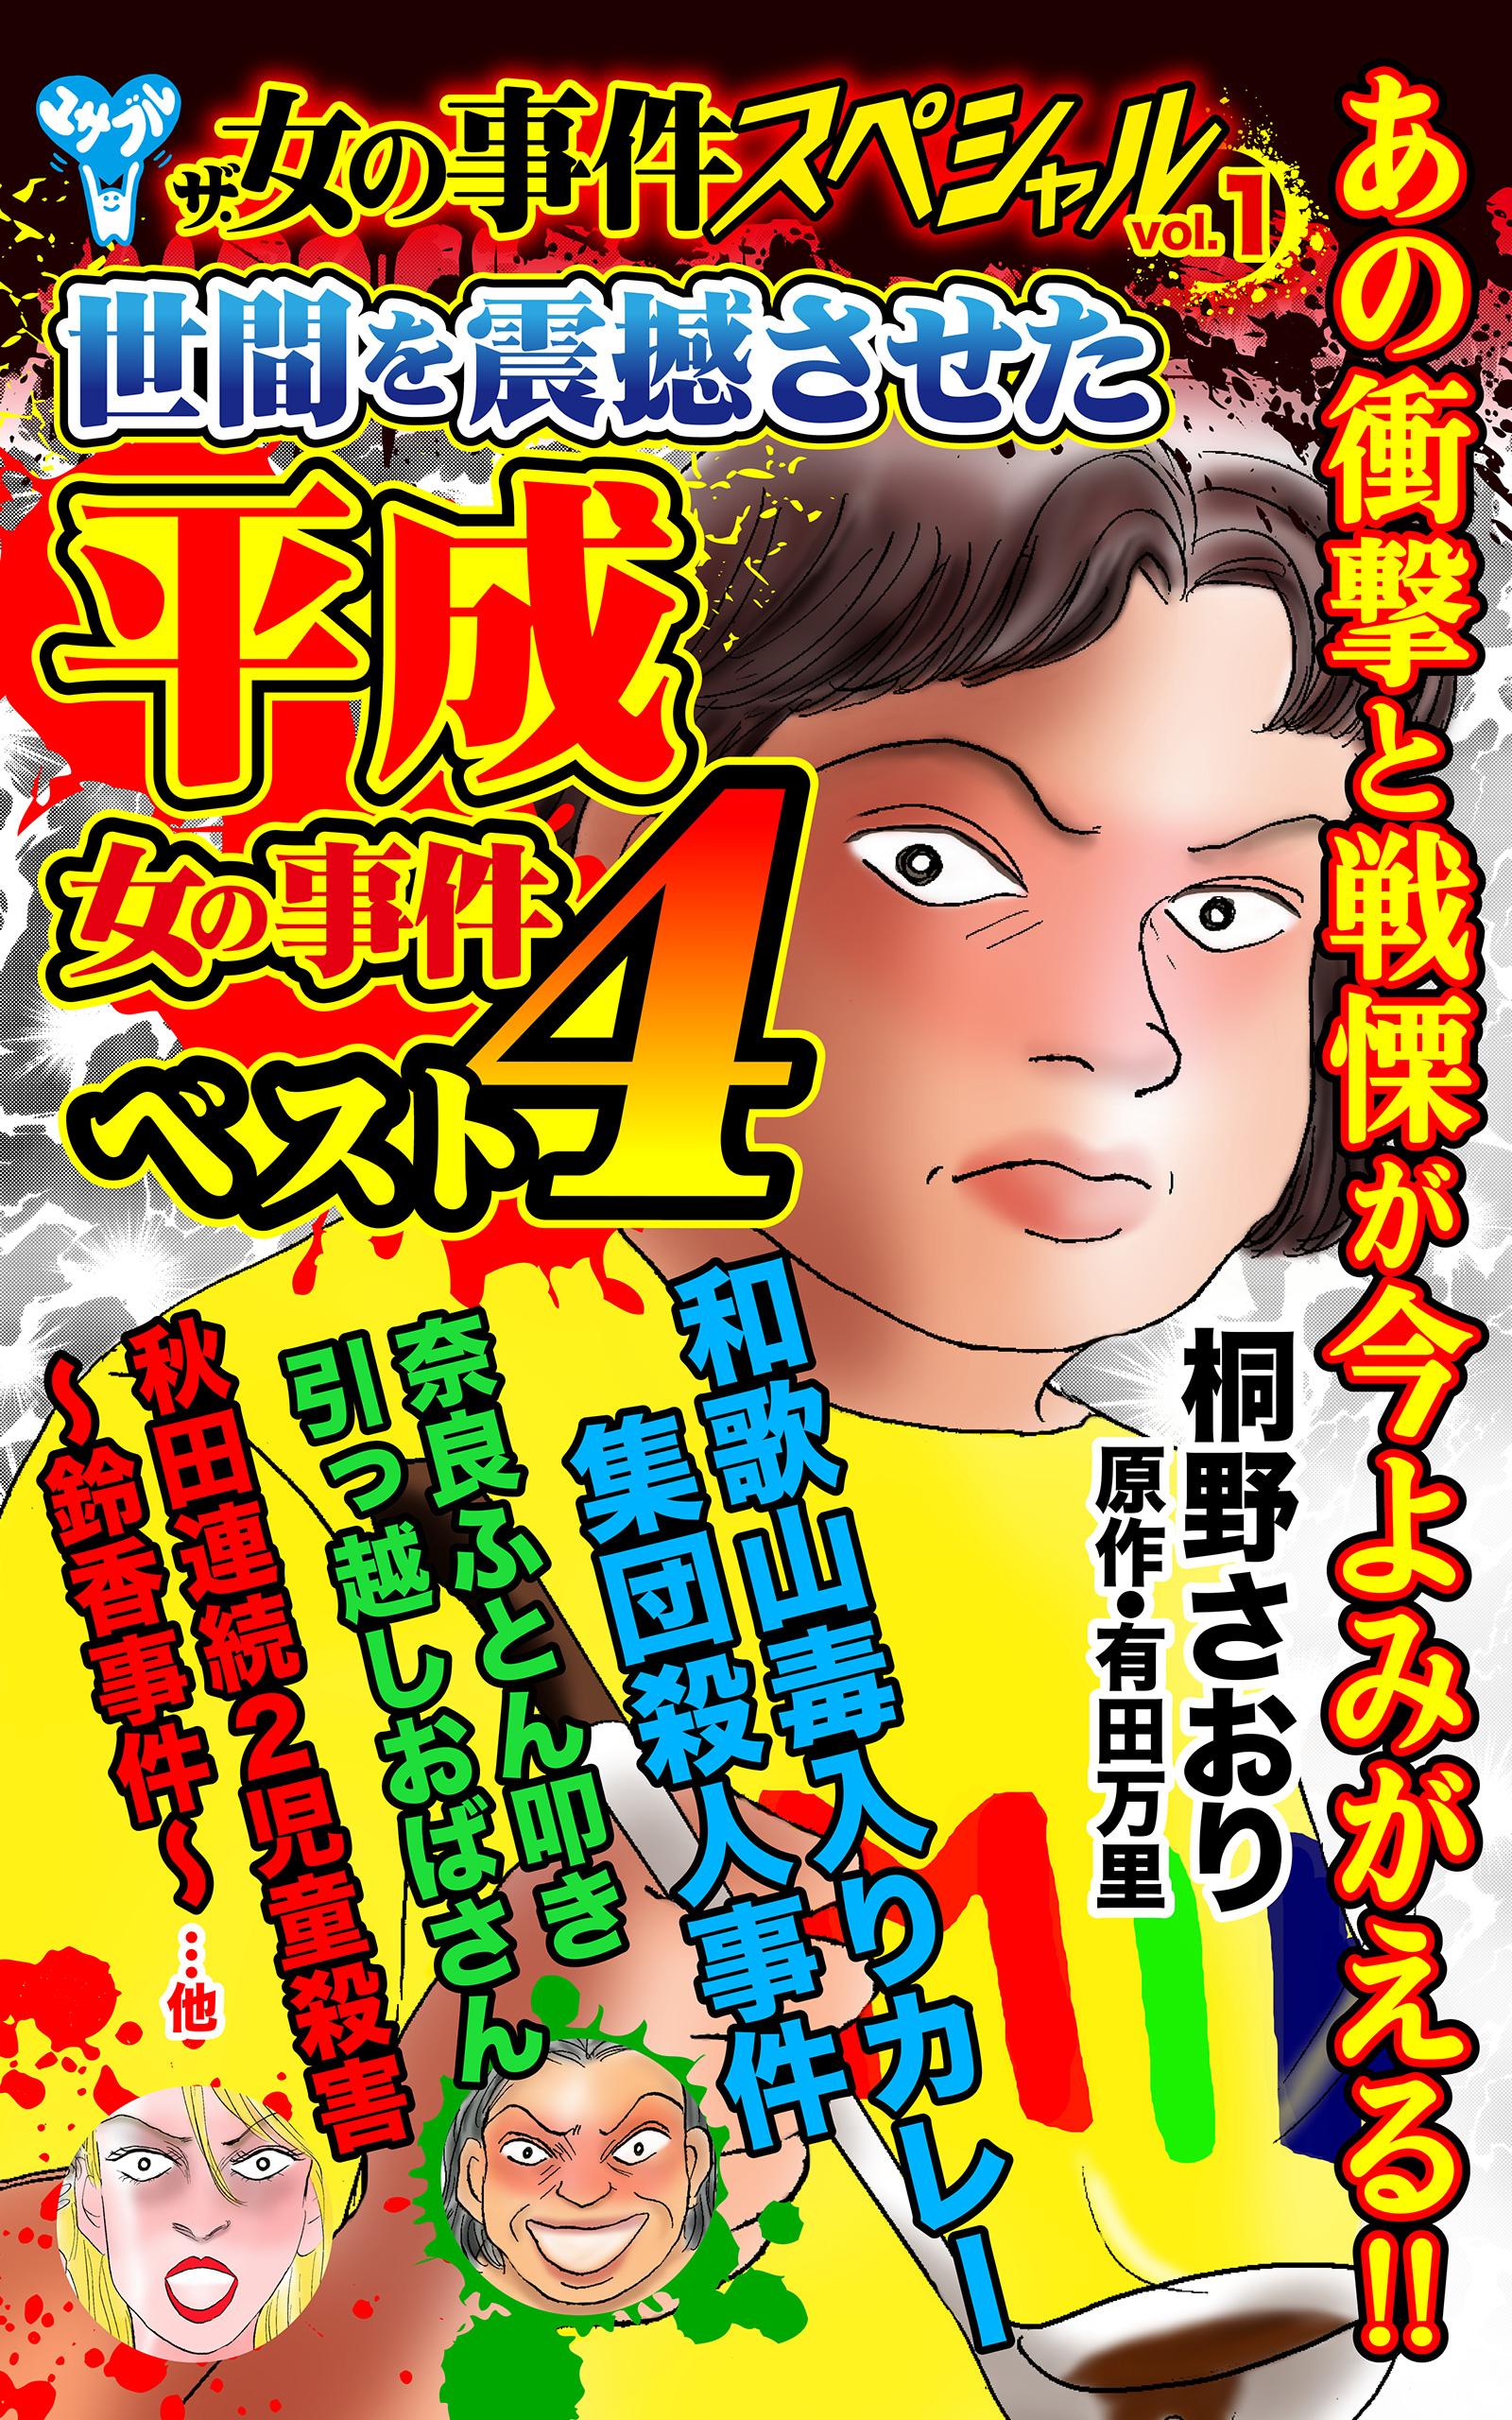 ザ・女の事件スペシャルVol.1(5遺体発覚!!平塚呪われたアパートに棲む)